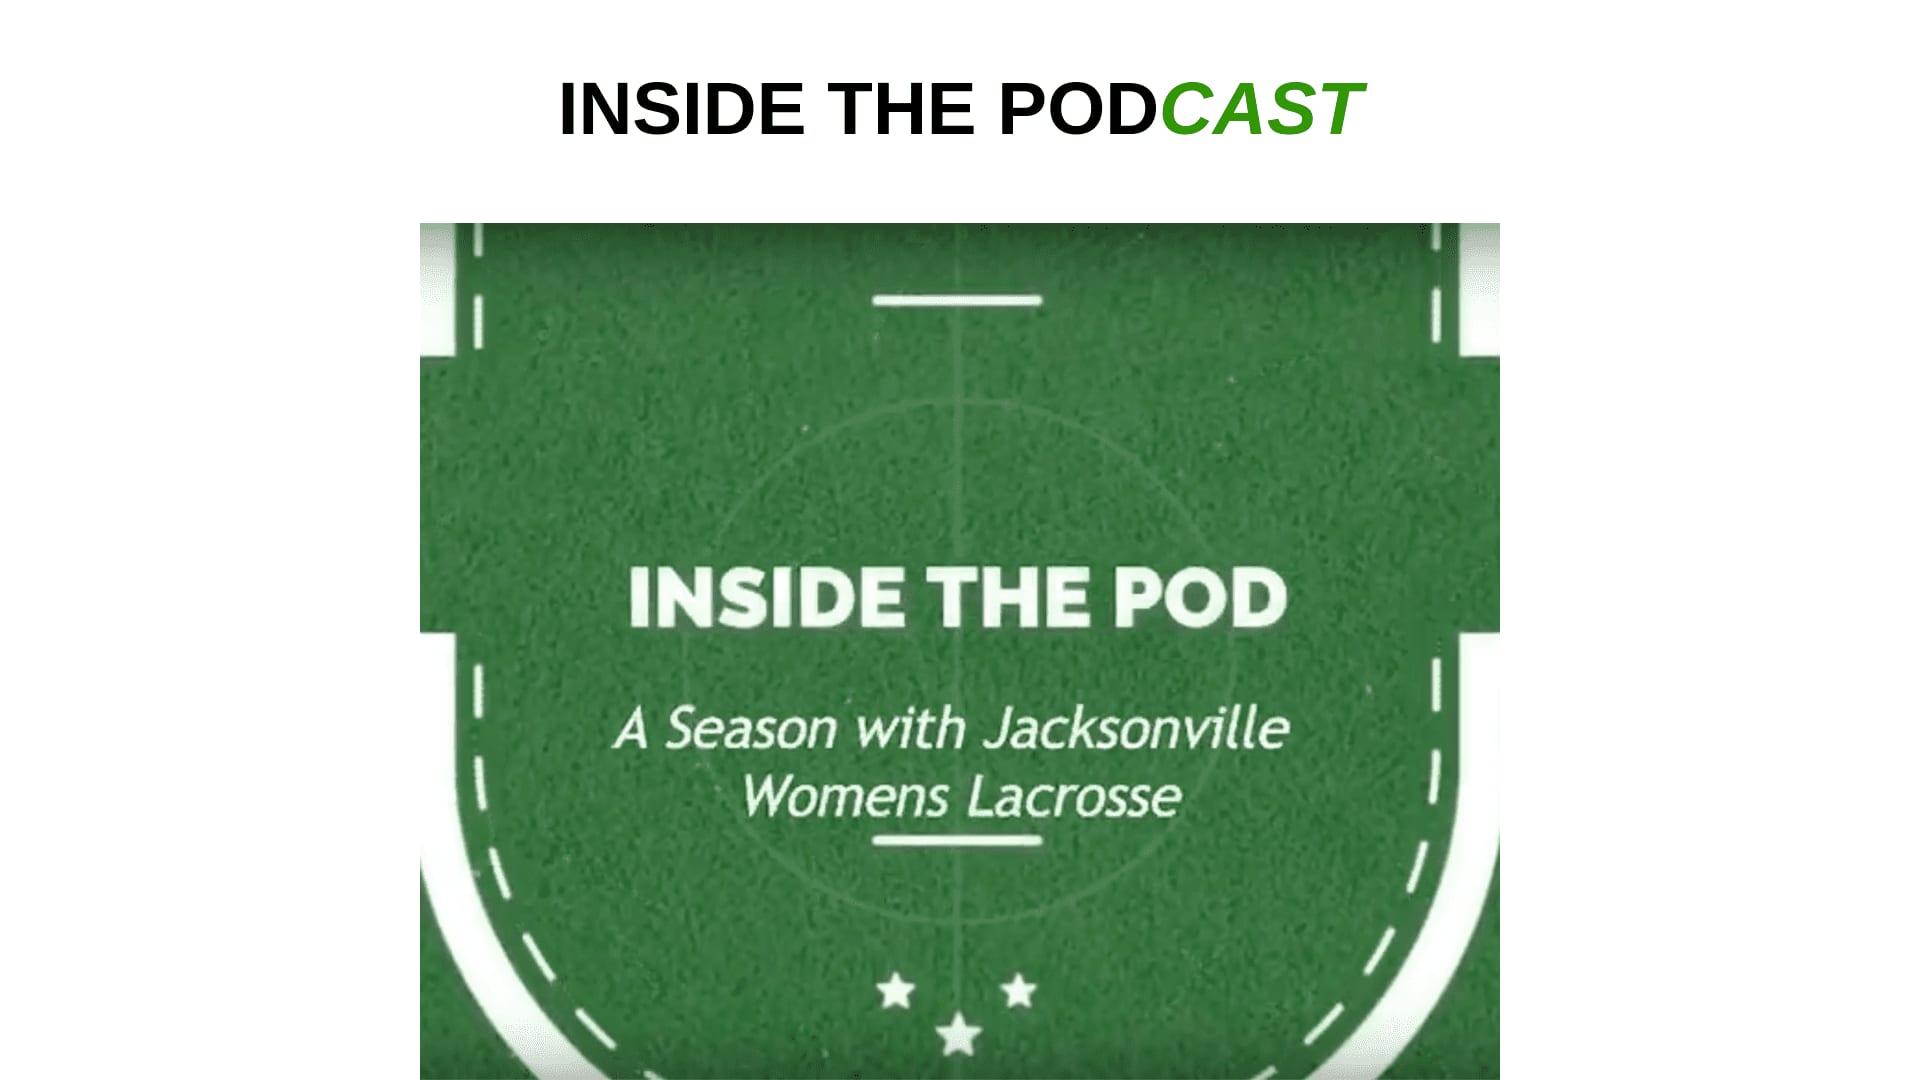 #insidethepod jacksonville women's lacrosse